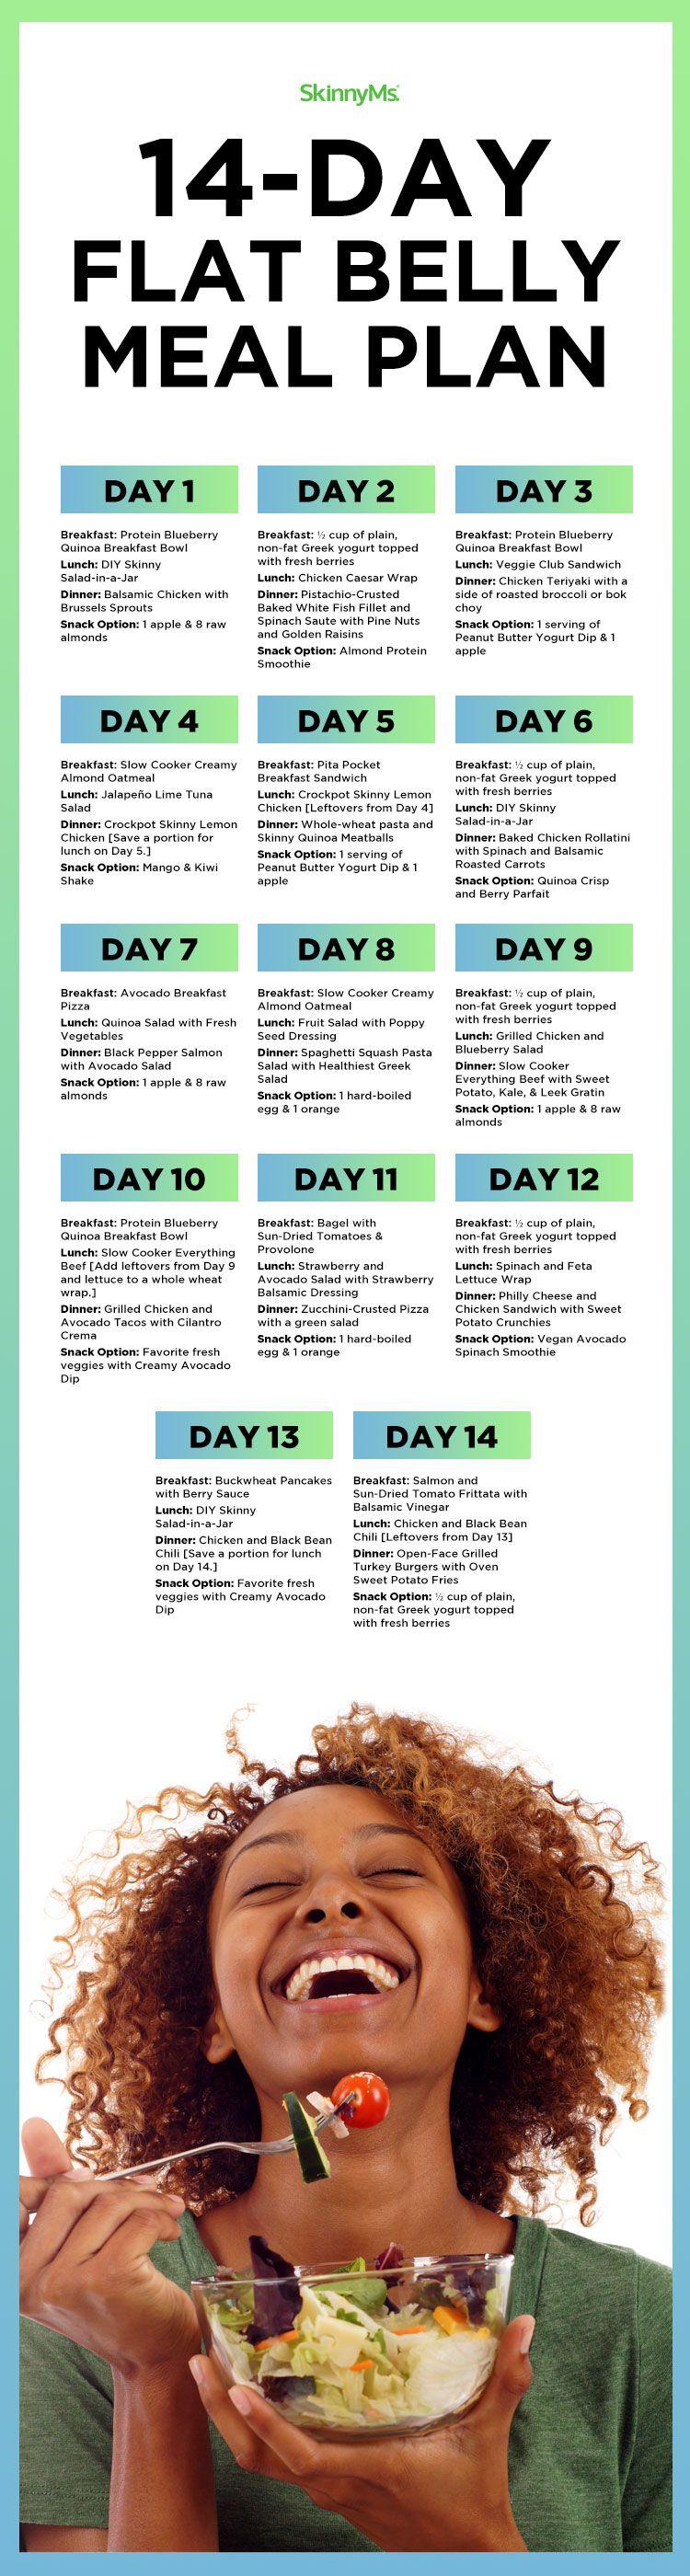 a 14 day diet